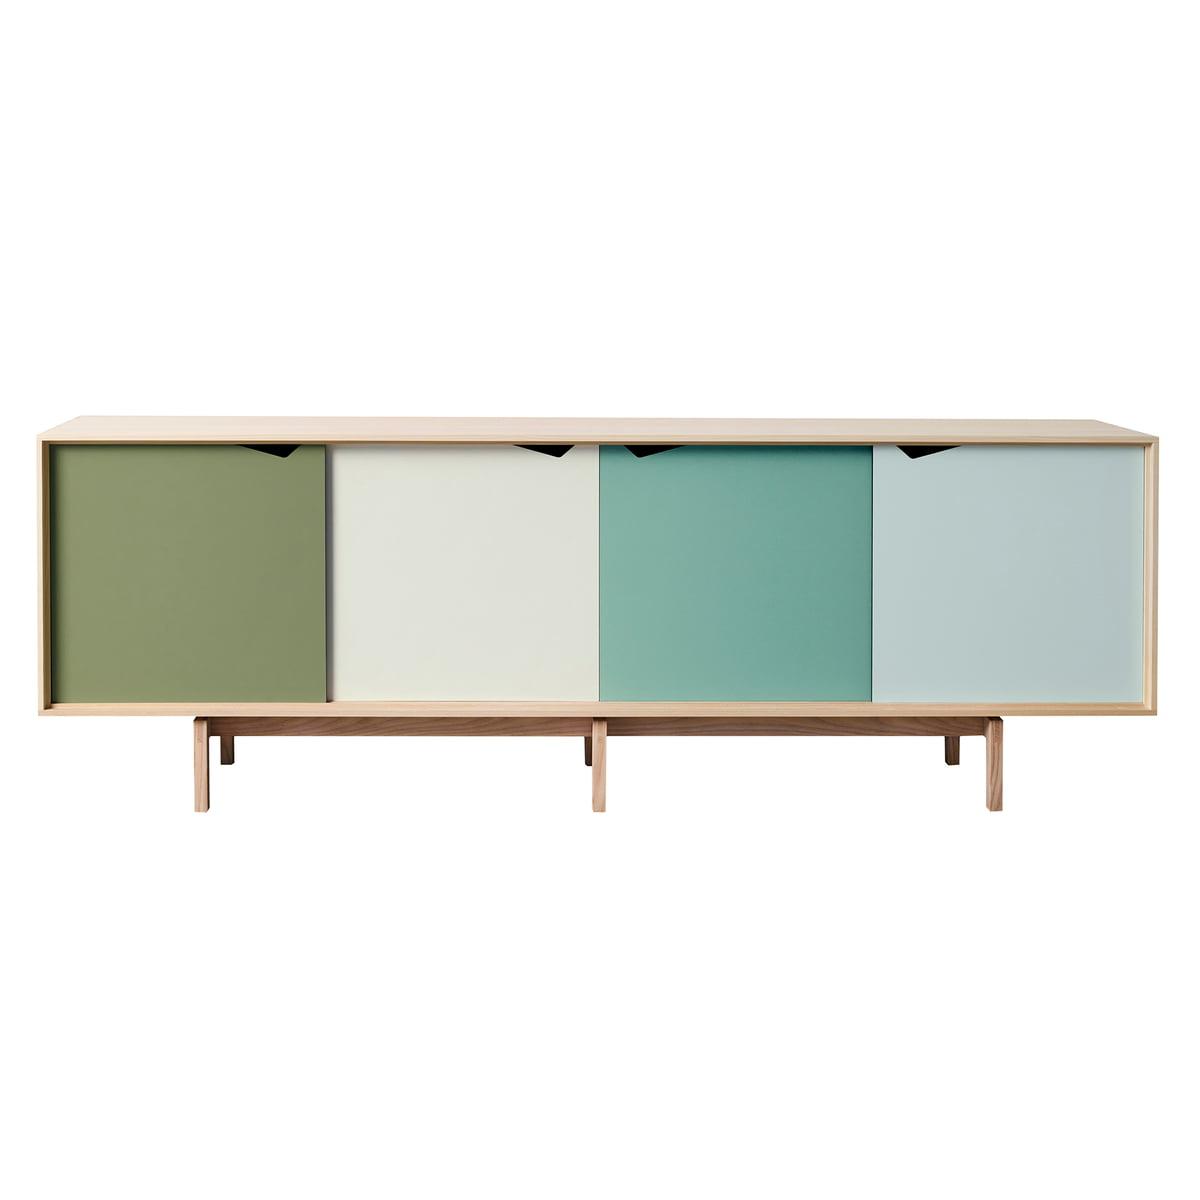 4 Door 4 Drawer Metal Inserts Sideboards Inside Favorite S1 Sideboard Multicoloured Andersen Furniture (Gallery 14 of 20)